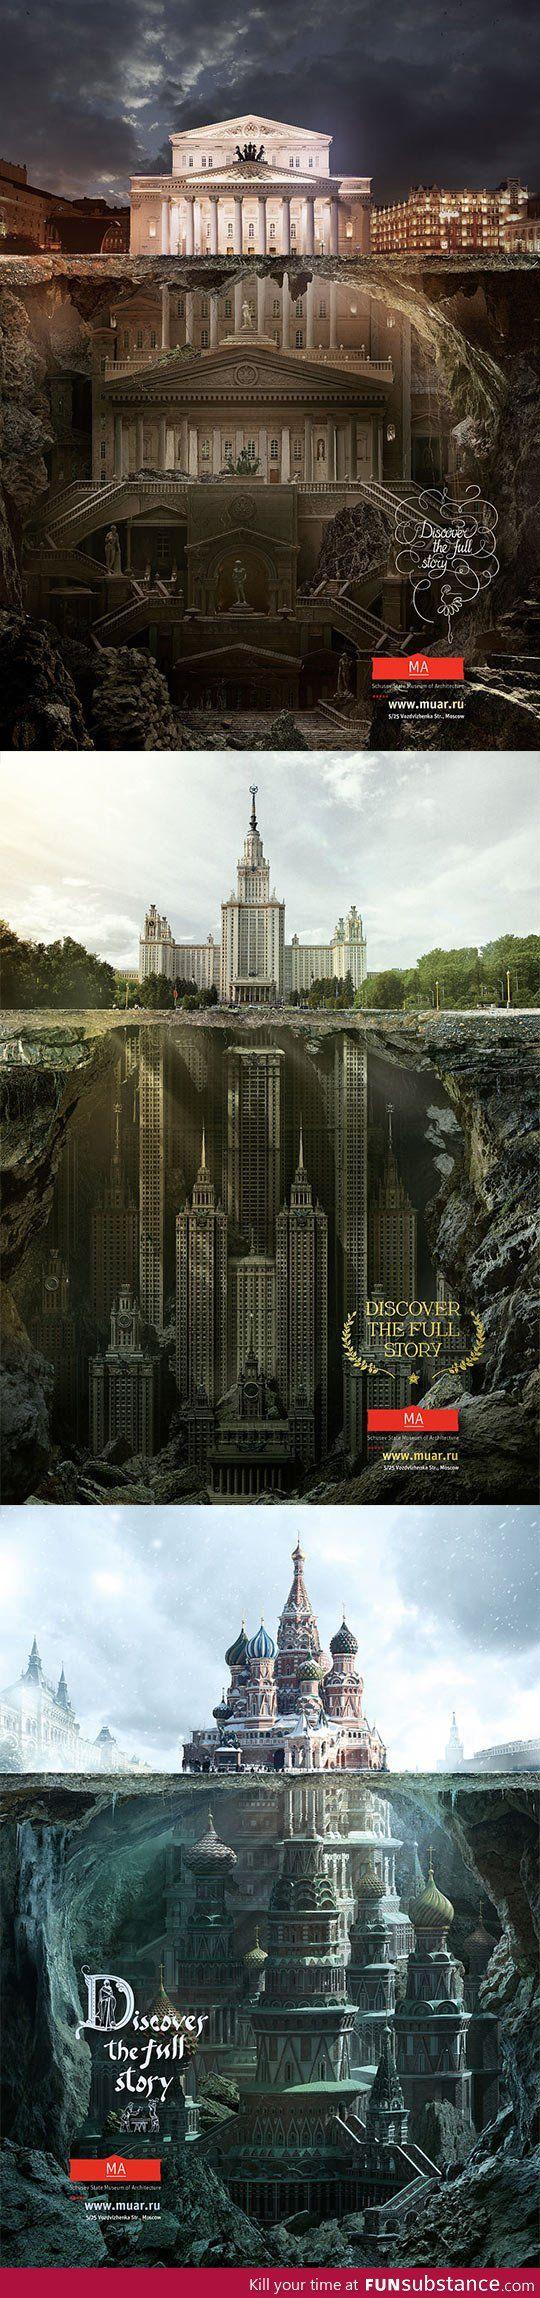 Secret structures under iconic buildings